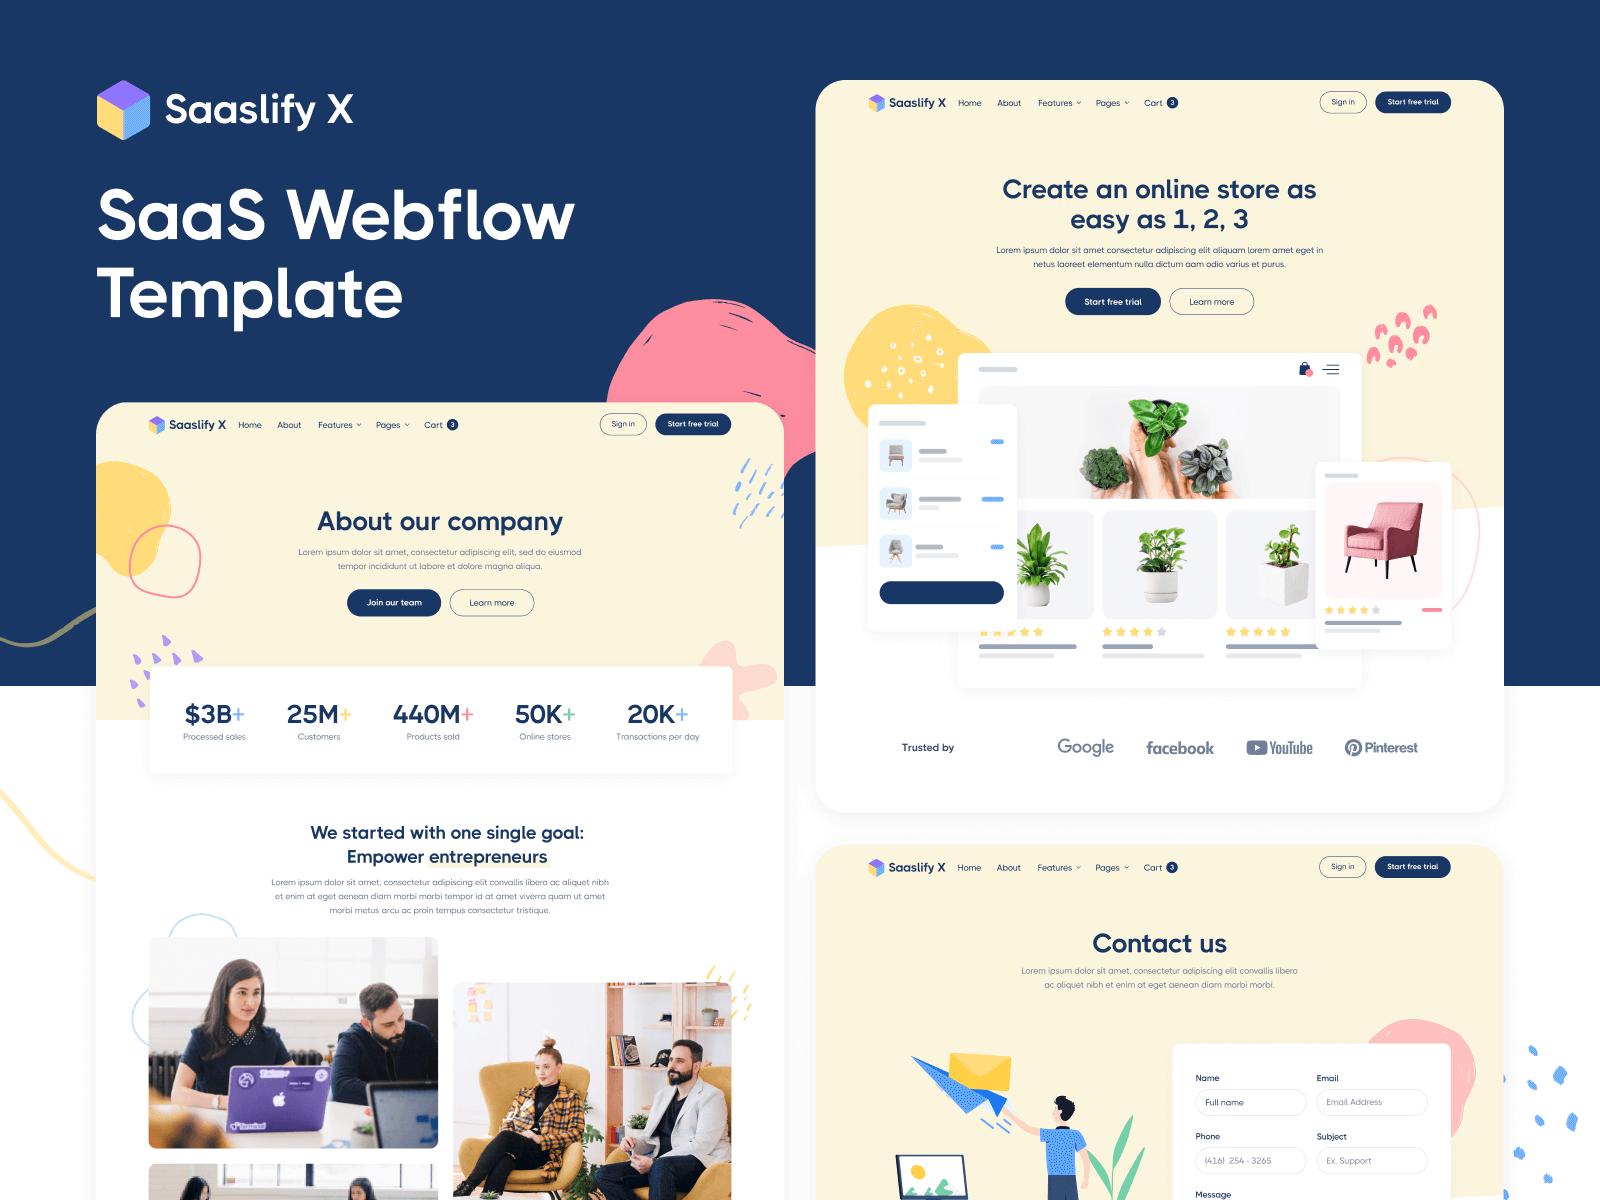 SaaS Webflow Template